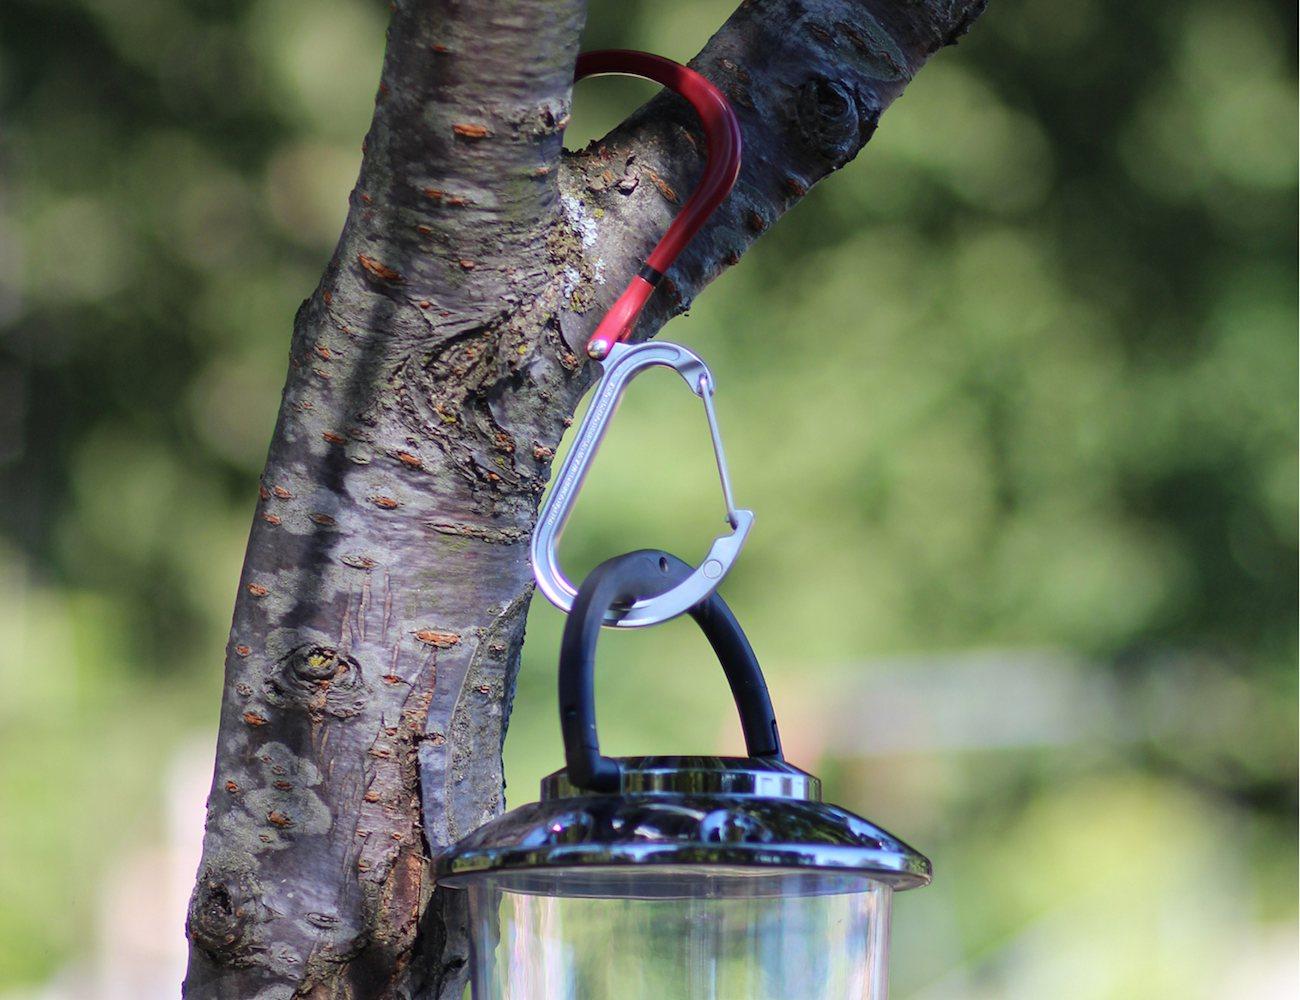 The Qlipter – Clip it, hook it, hang it, hack it